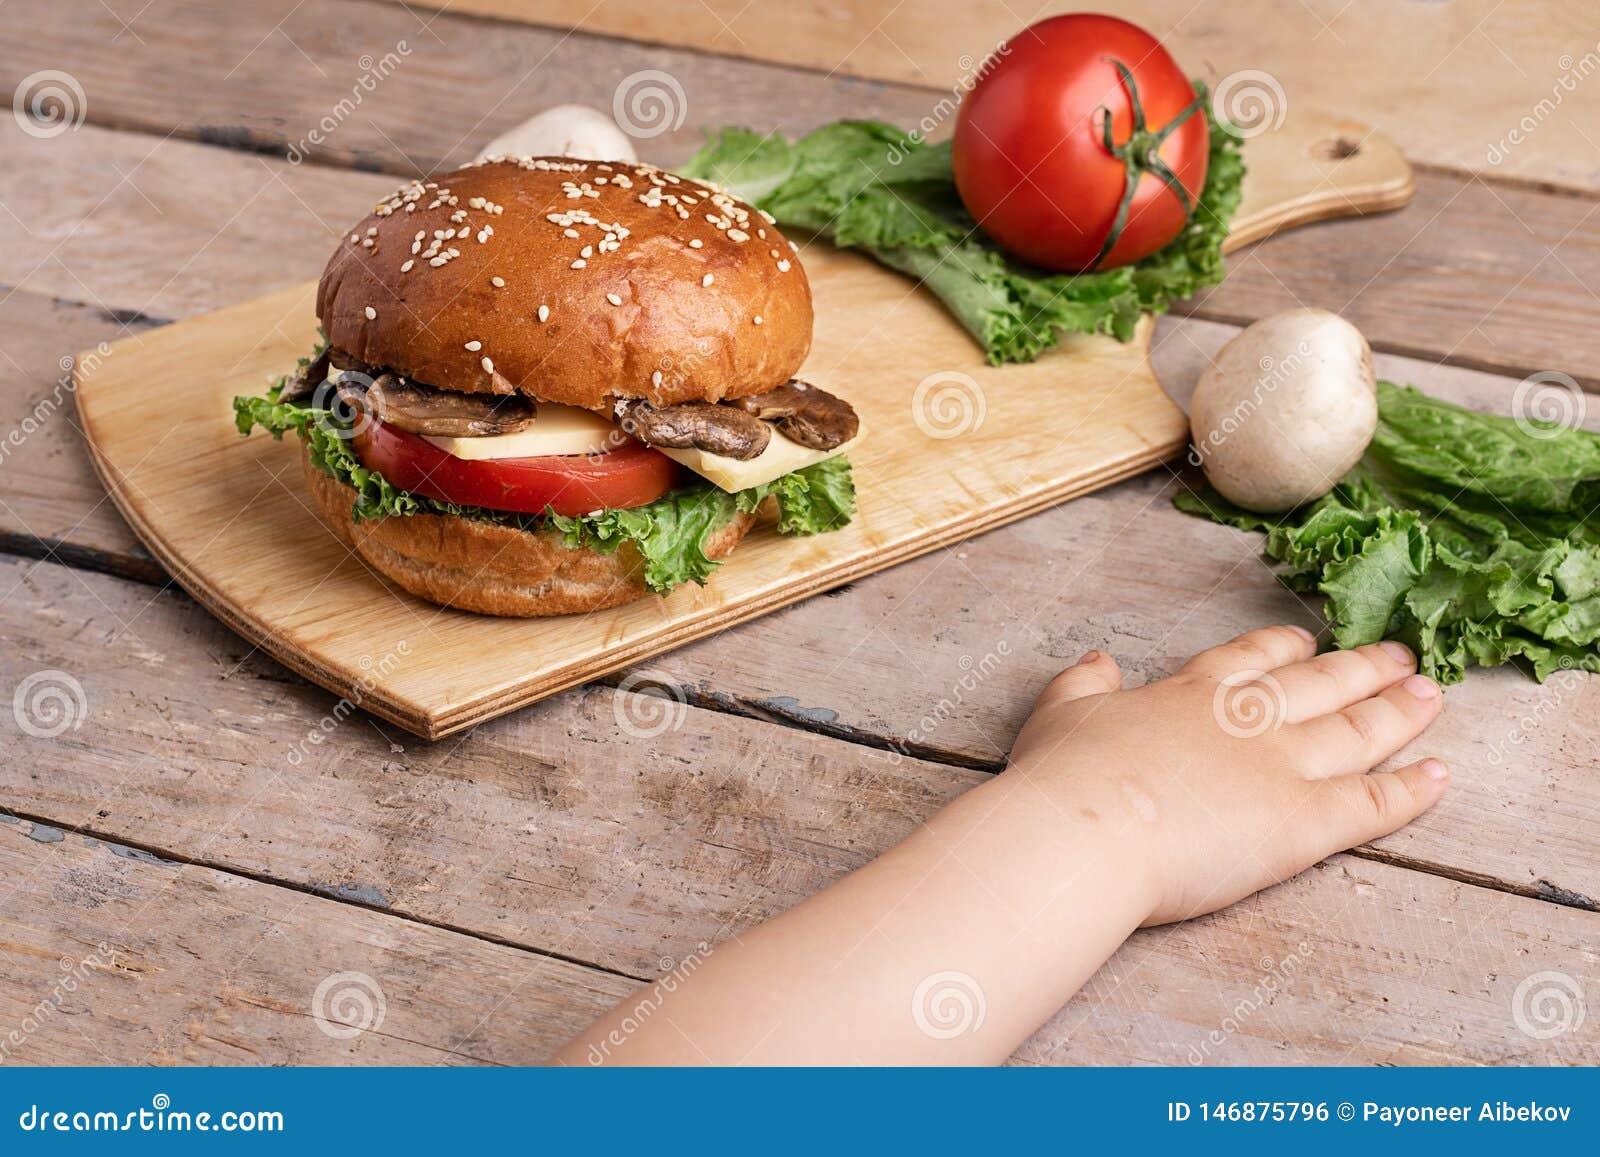 在蘑菇汉堡附近的女孩手用乳酪和蕃茄、未加工的蘑菇和莴苣,砧板